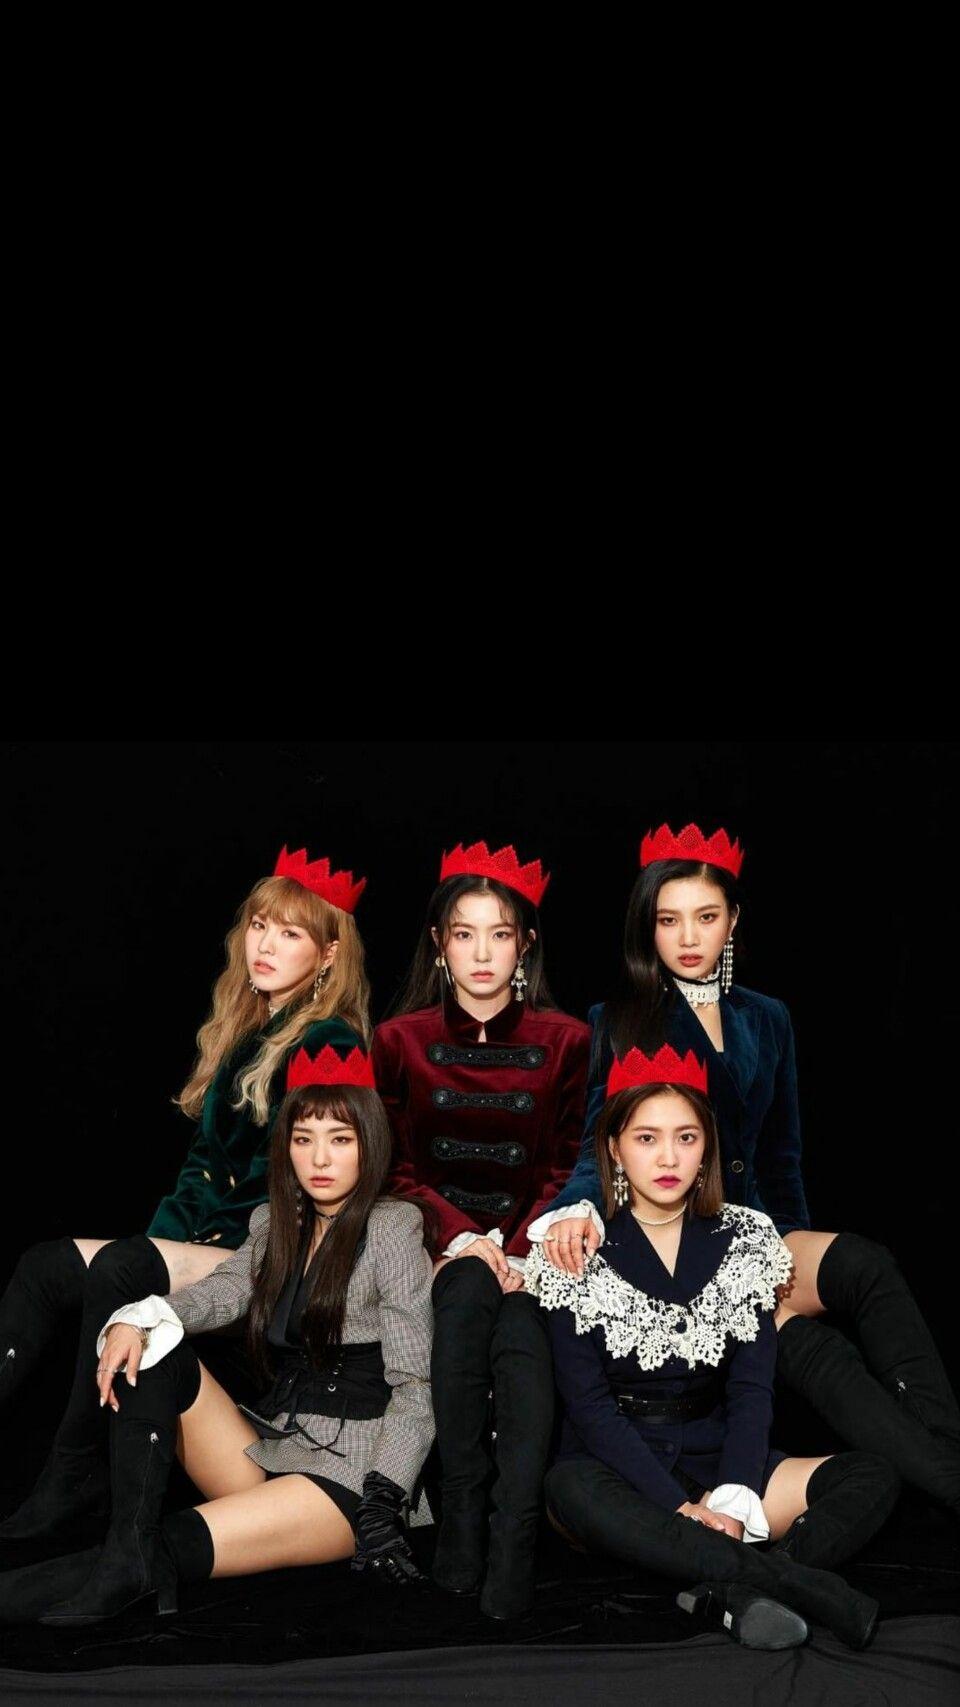 Red Velvet Background Wallpaper Lockscreen Perfectvelvet Peekaboo